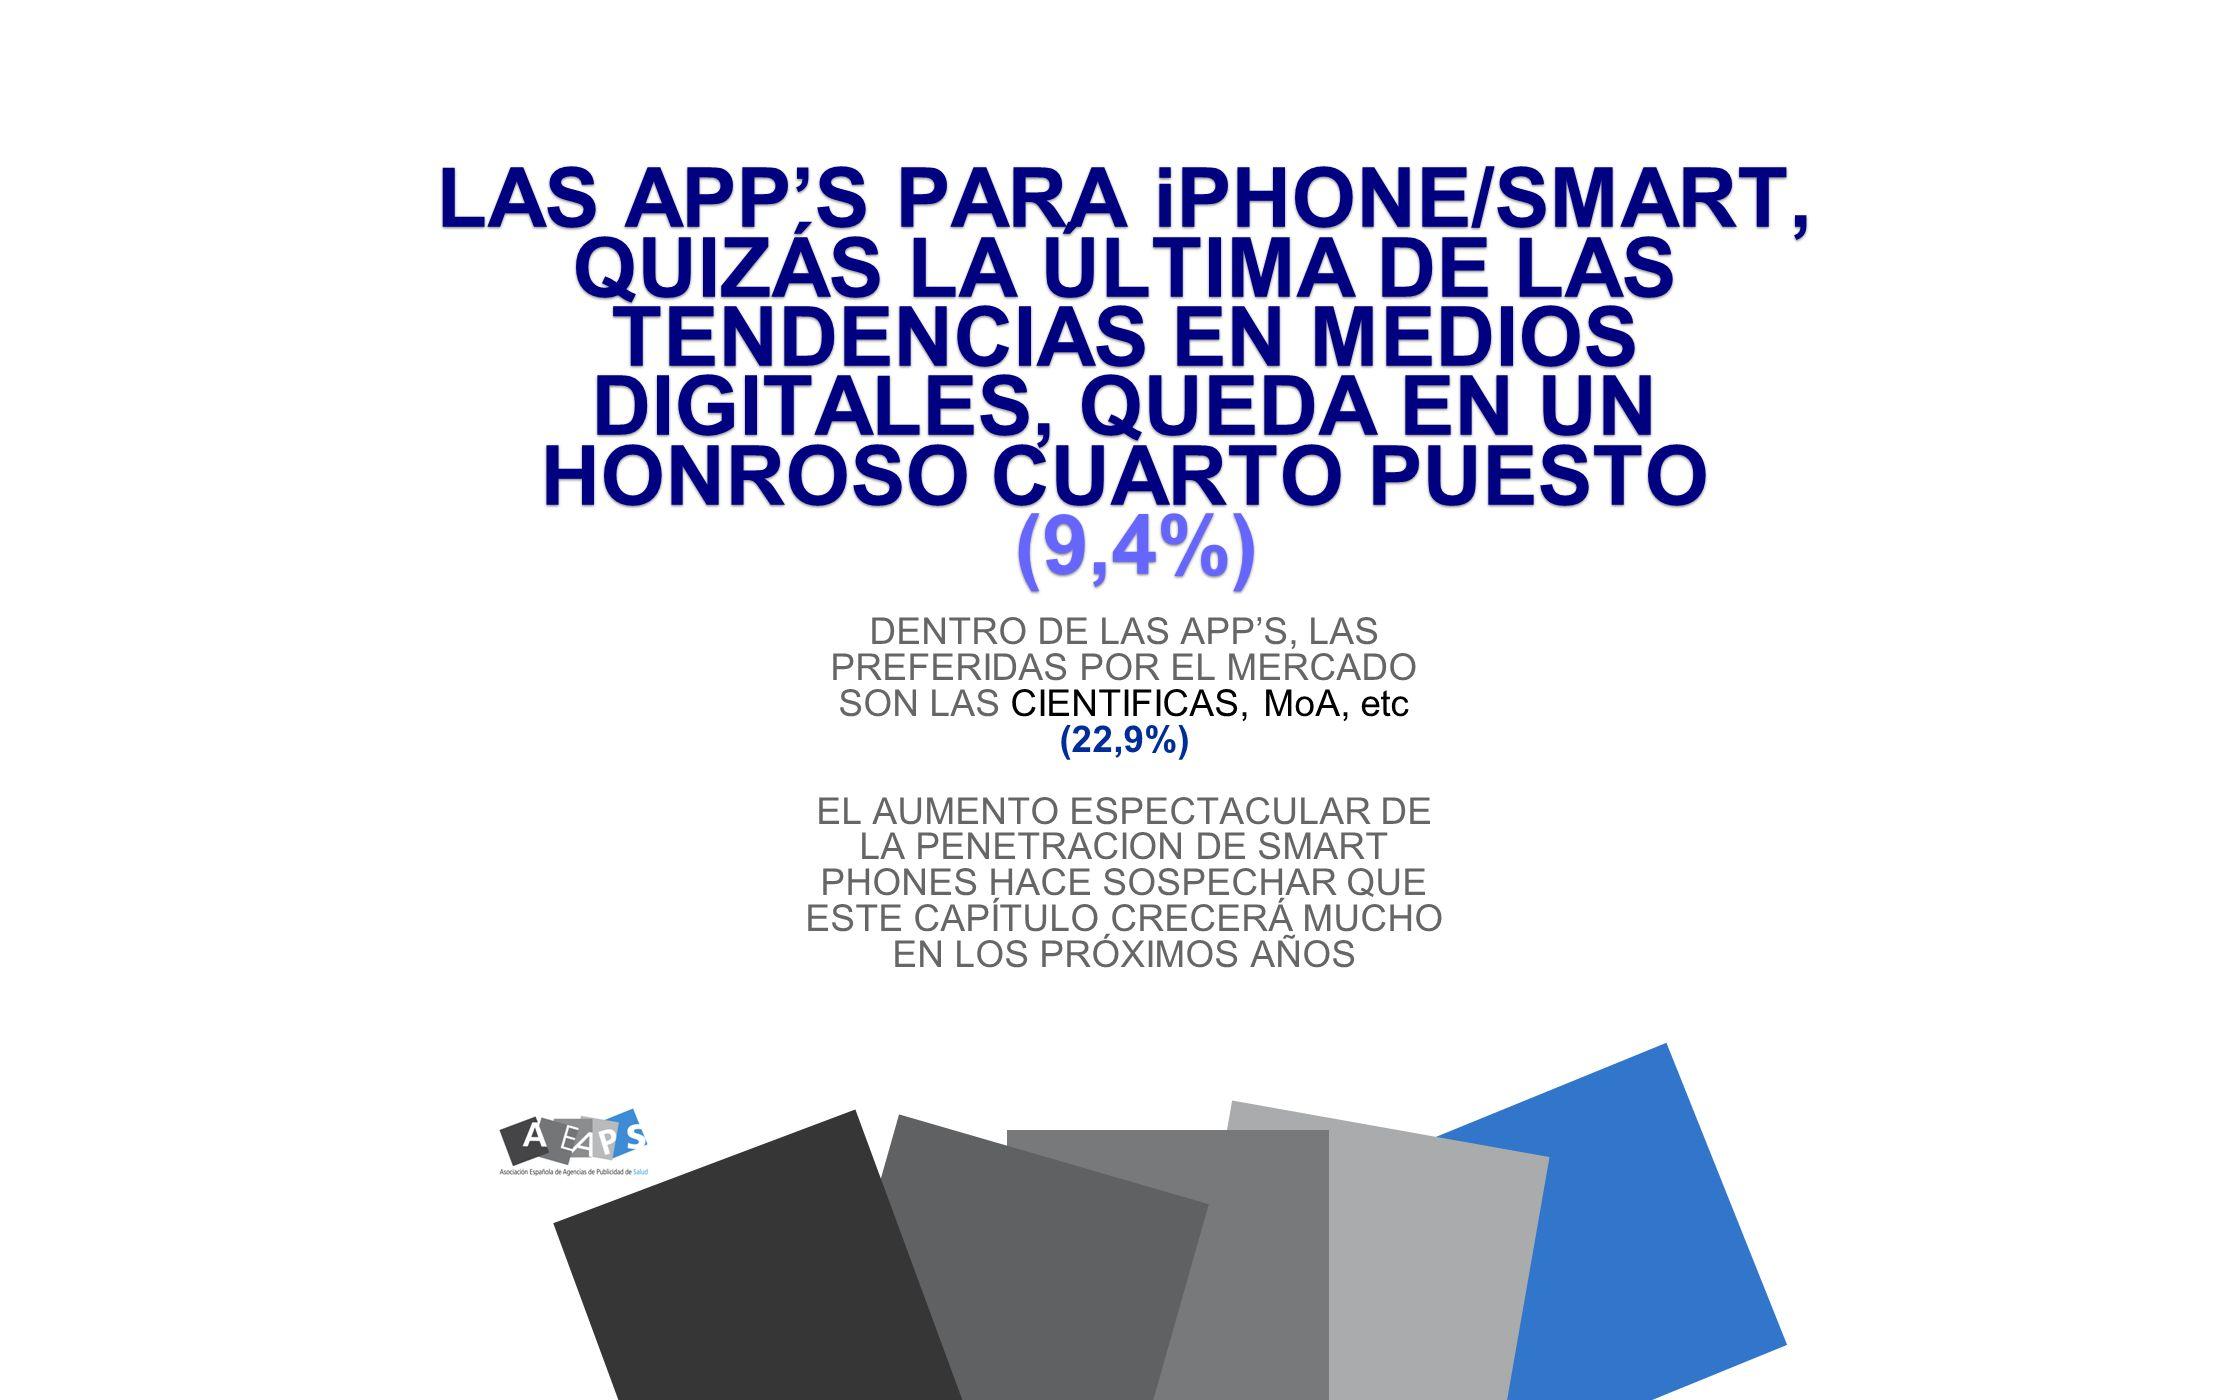 LAS APP'S PARA iPHONE/SMART, QUIZÁS LA ÚLTIMA DE LAS TENDENCIAS EN MEDIOS DIGITALES, QUEDA EN UN HONROSO CUARTO PUESTO (9,4%)